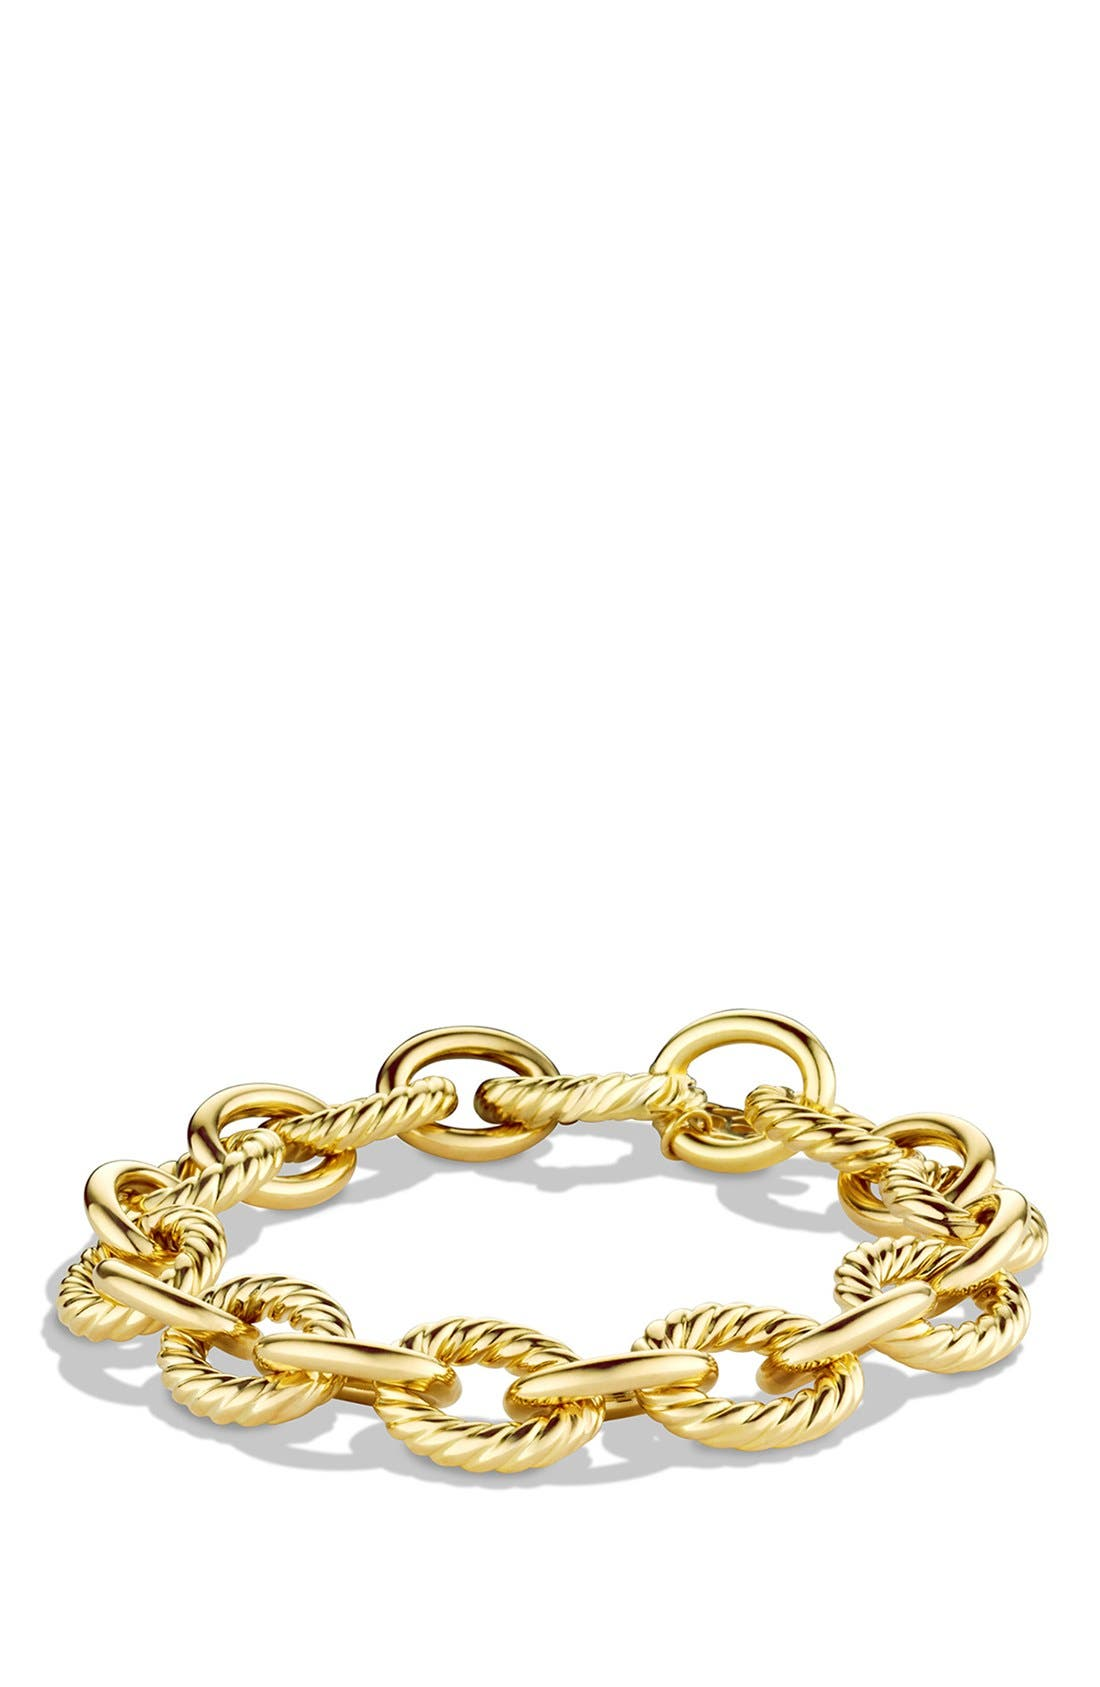 Alternate Image 1 Selected - David Yurman 'Oval' Large Link Bracelet in Gold